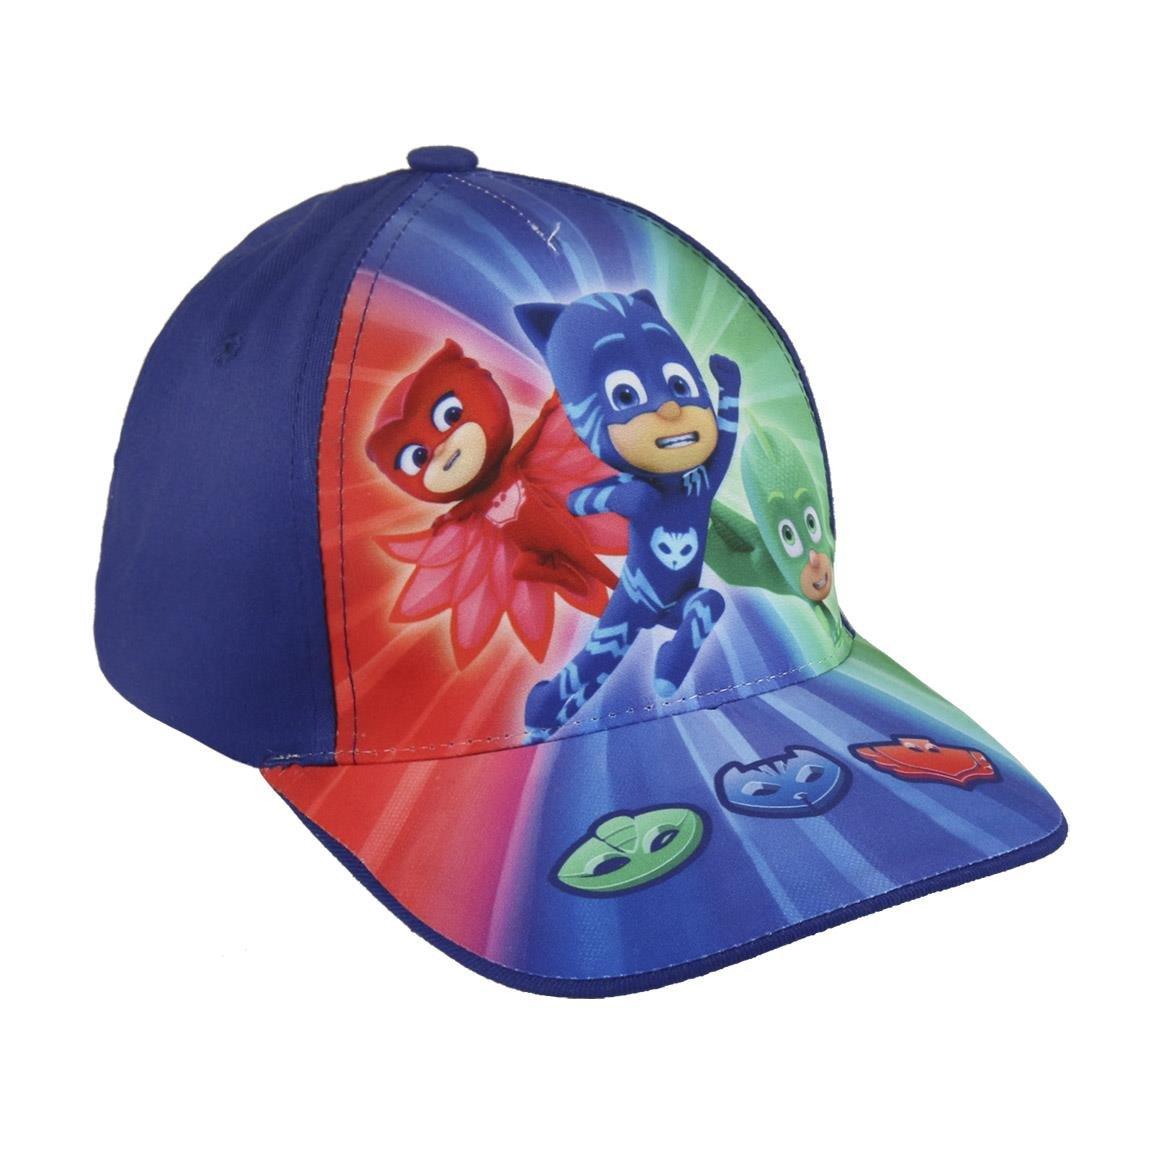 PJ Masks Héroes en Pijamas 2200002851 Gorra, Algodón, Gatuno, Buhíta, Gecko (Gris): Amazon.es: Juguetes y juegos